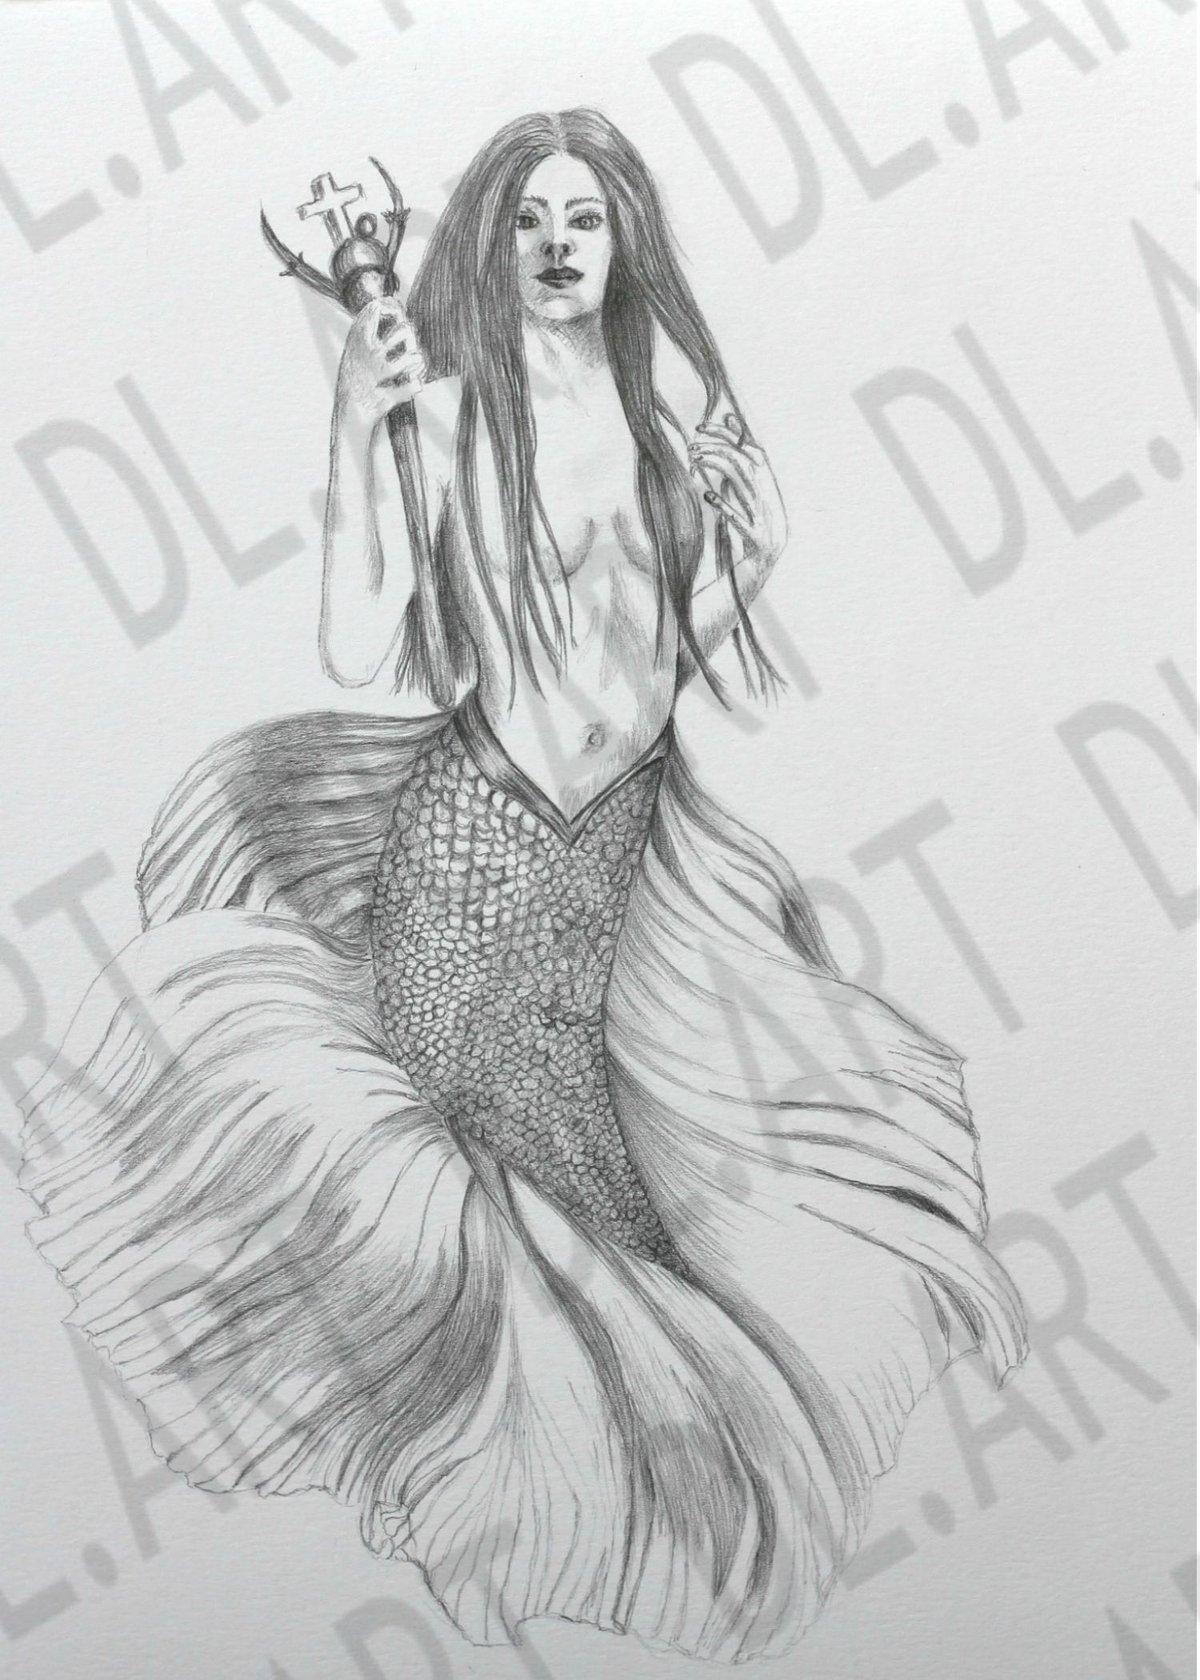 Image of Mermaid Warrior